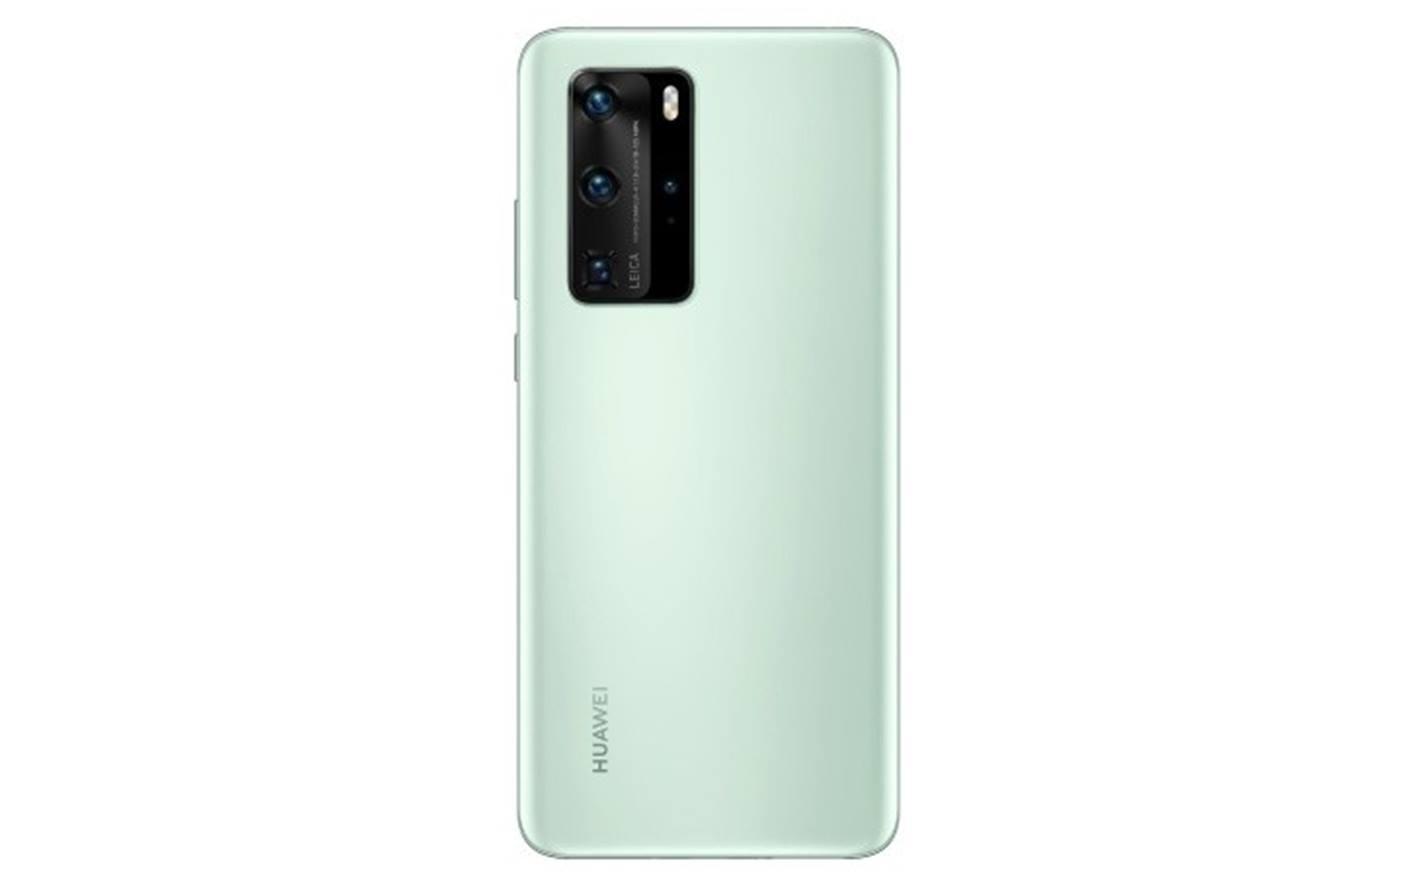 Huawei P40 Pro pronto a debuttare nell'inedita colorazione menta: ecco i primi scatti